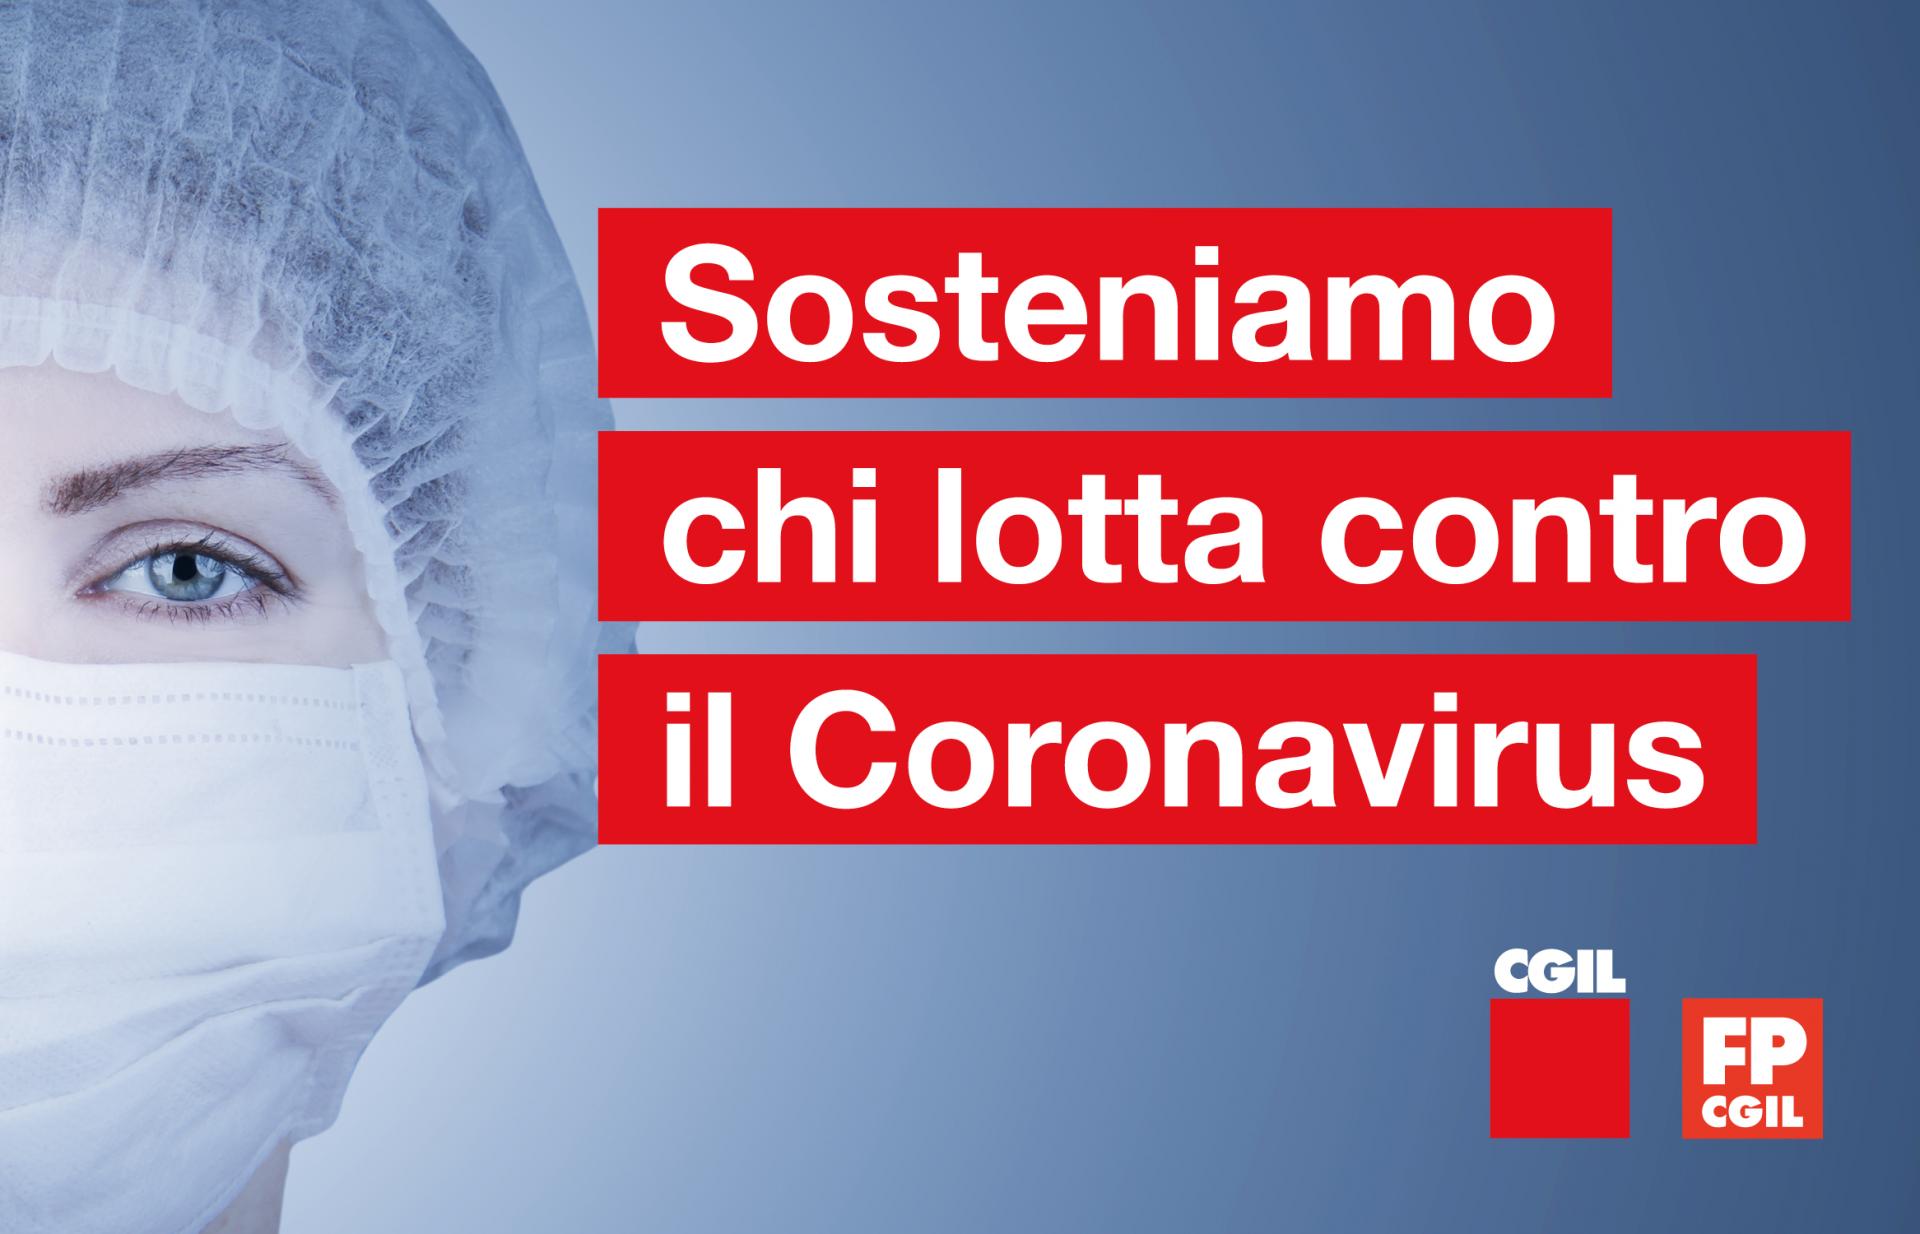 Sosteniamo chi lotta contro il Coronavirus